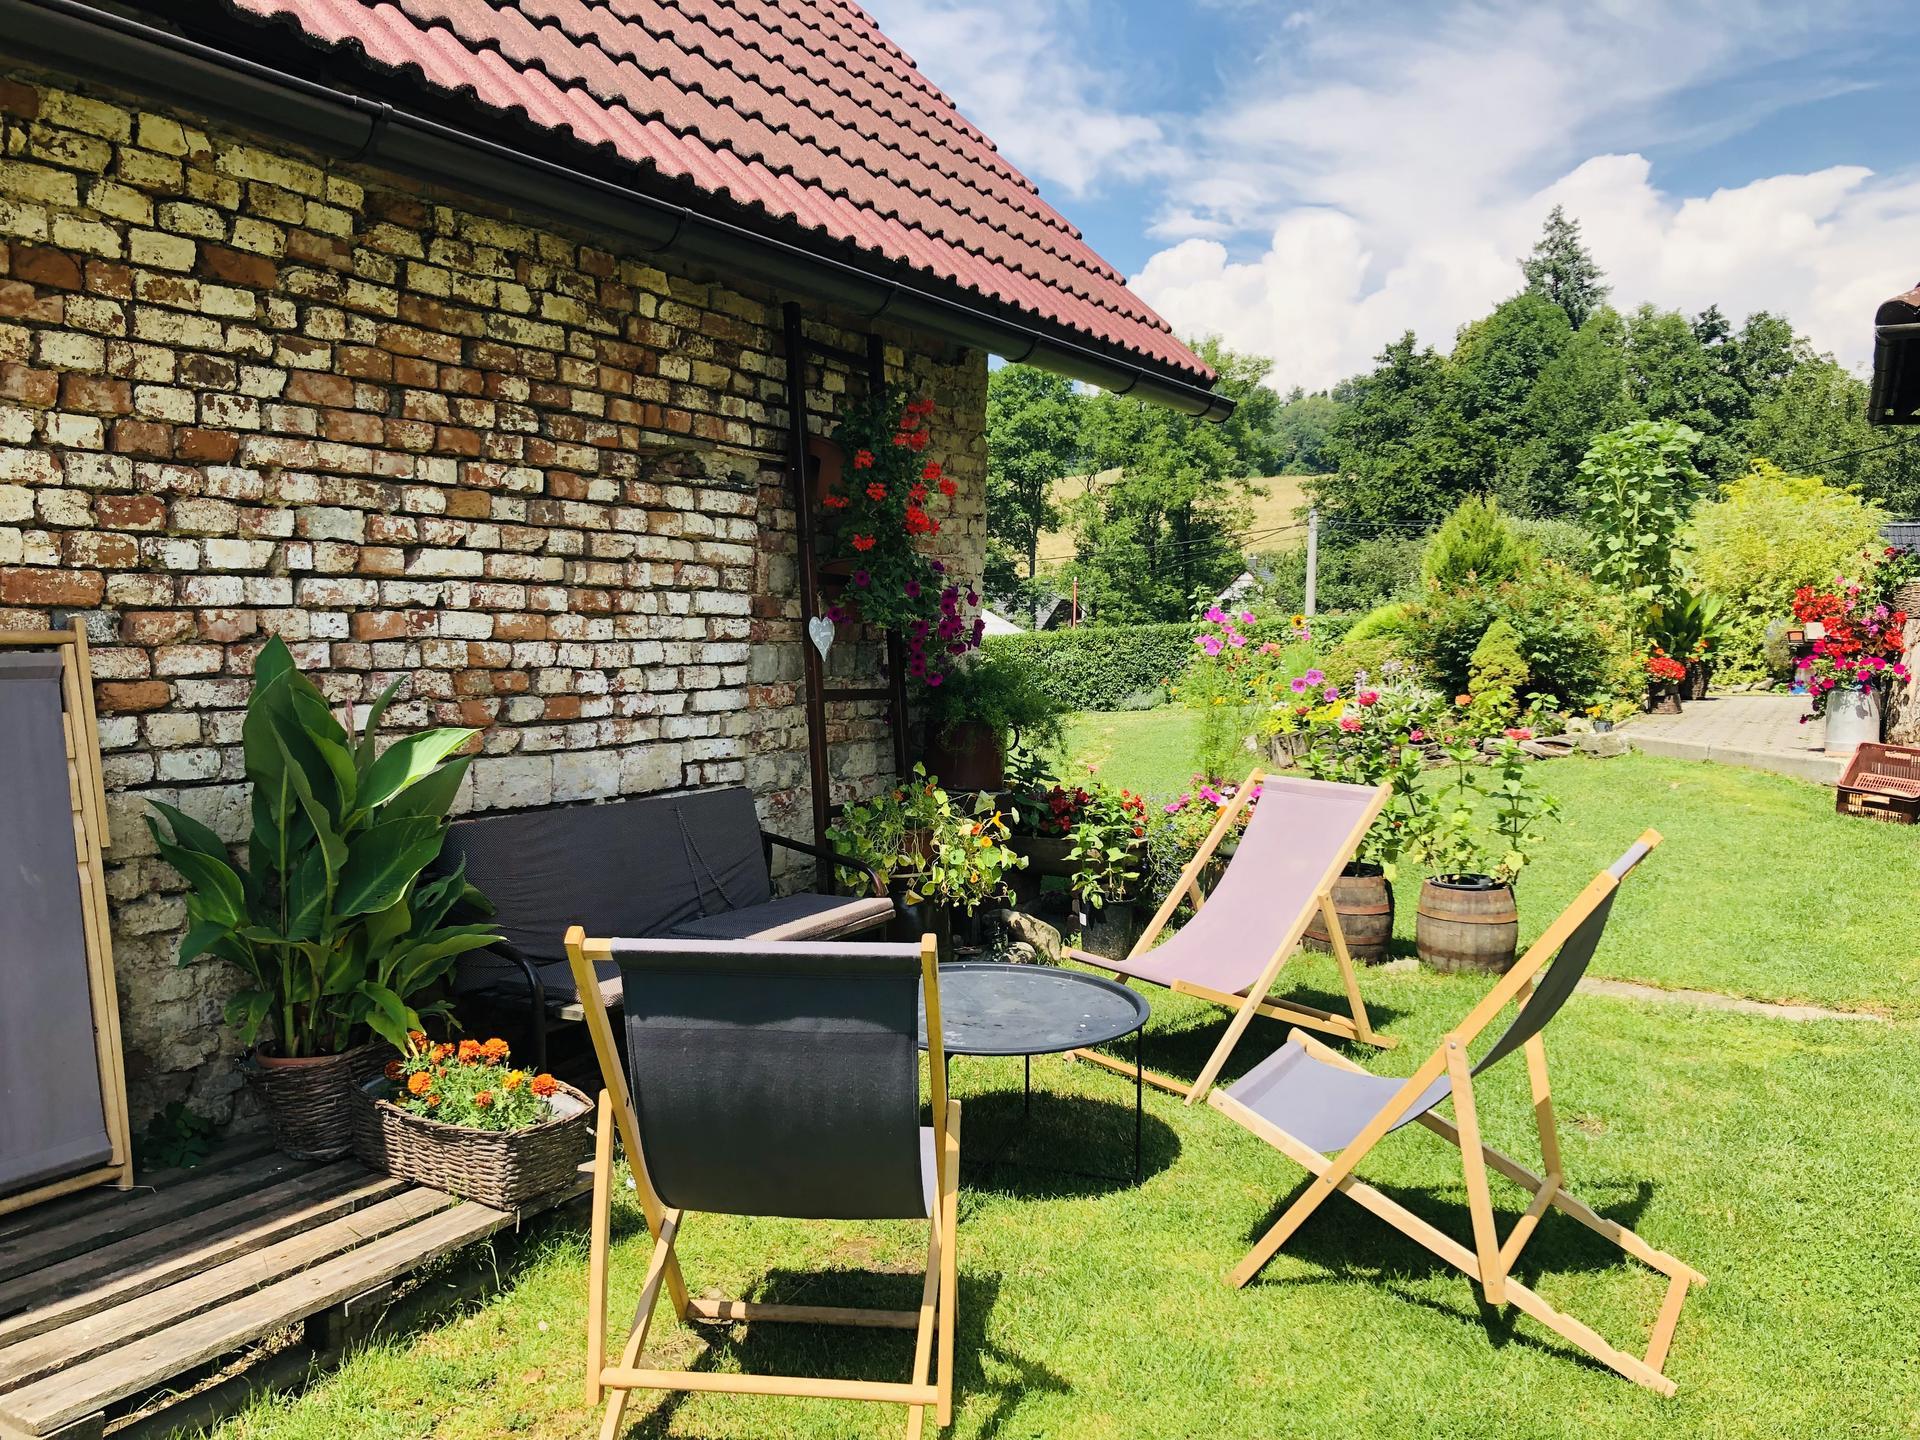 U nás doma a na zahradě 2021 - Obrázek č. 65